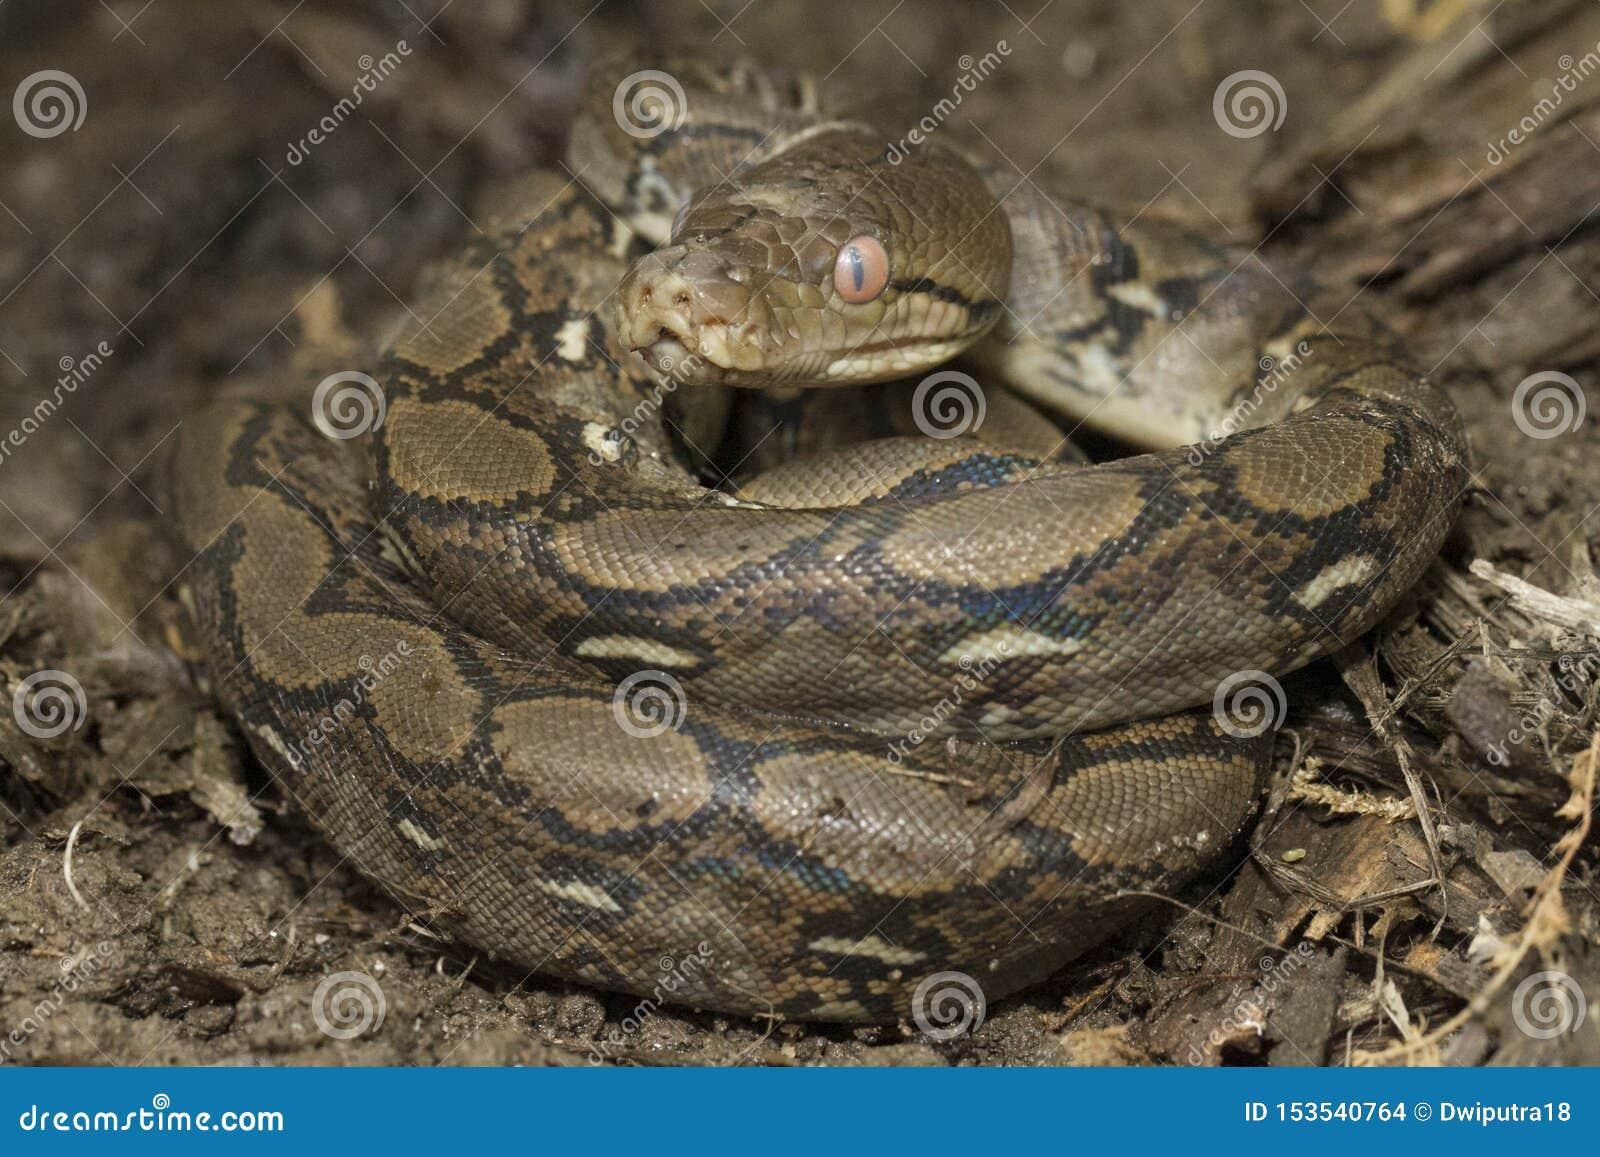 Baby Reticulated Python Python reticulatus